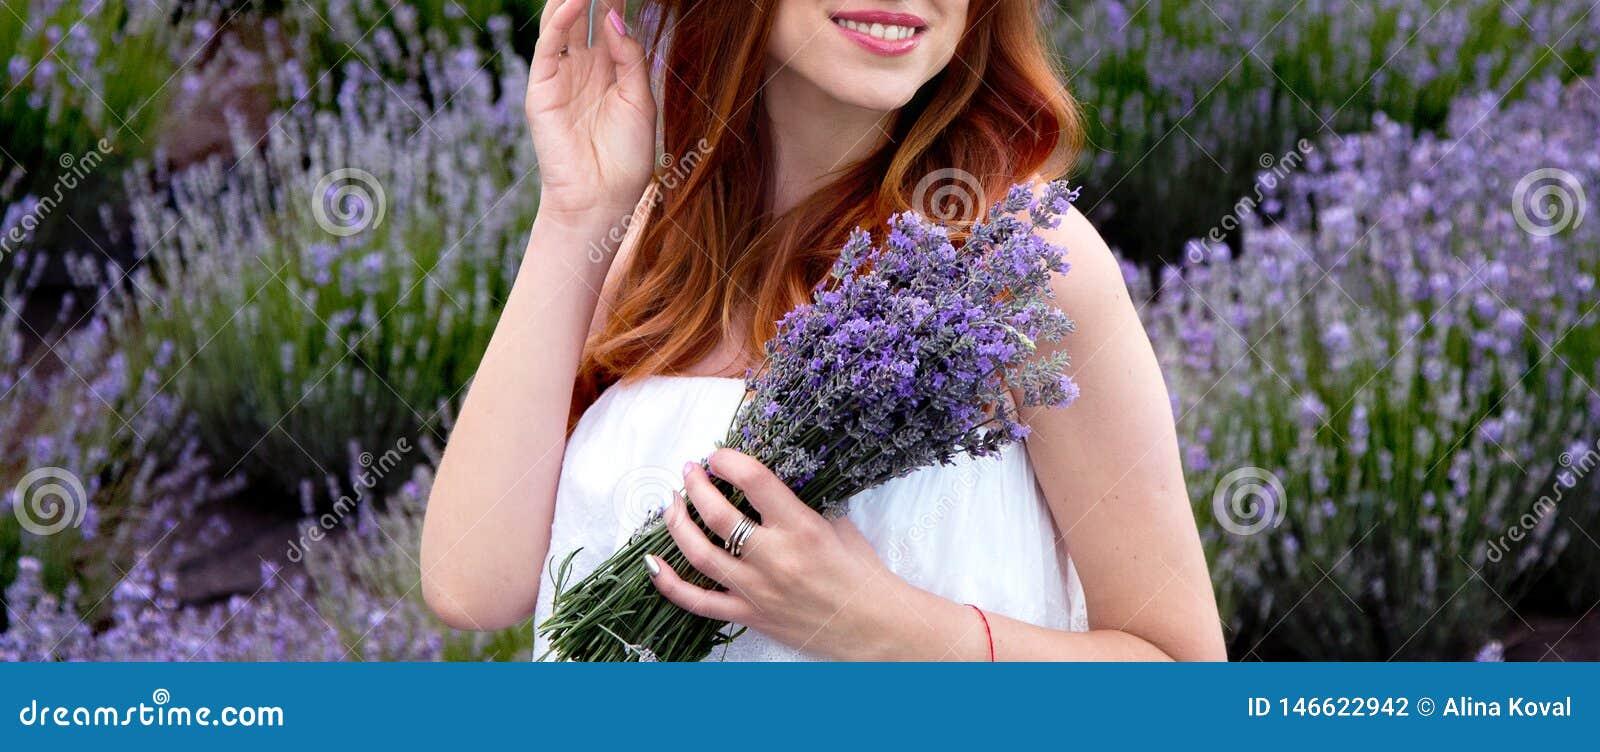 淡紫色的怀孕的女孩在夏天庭院里